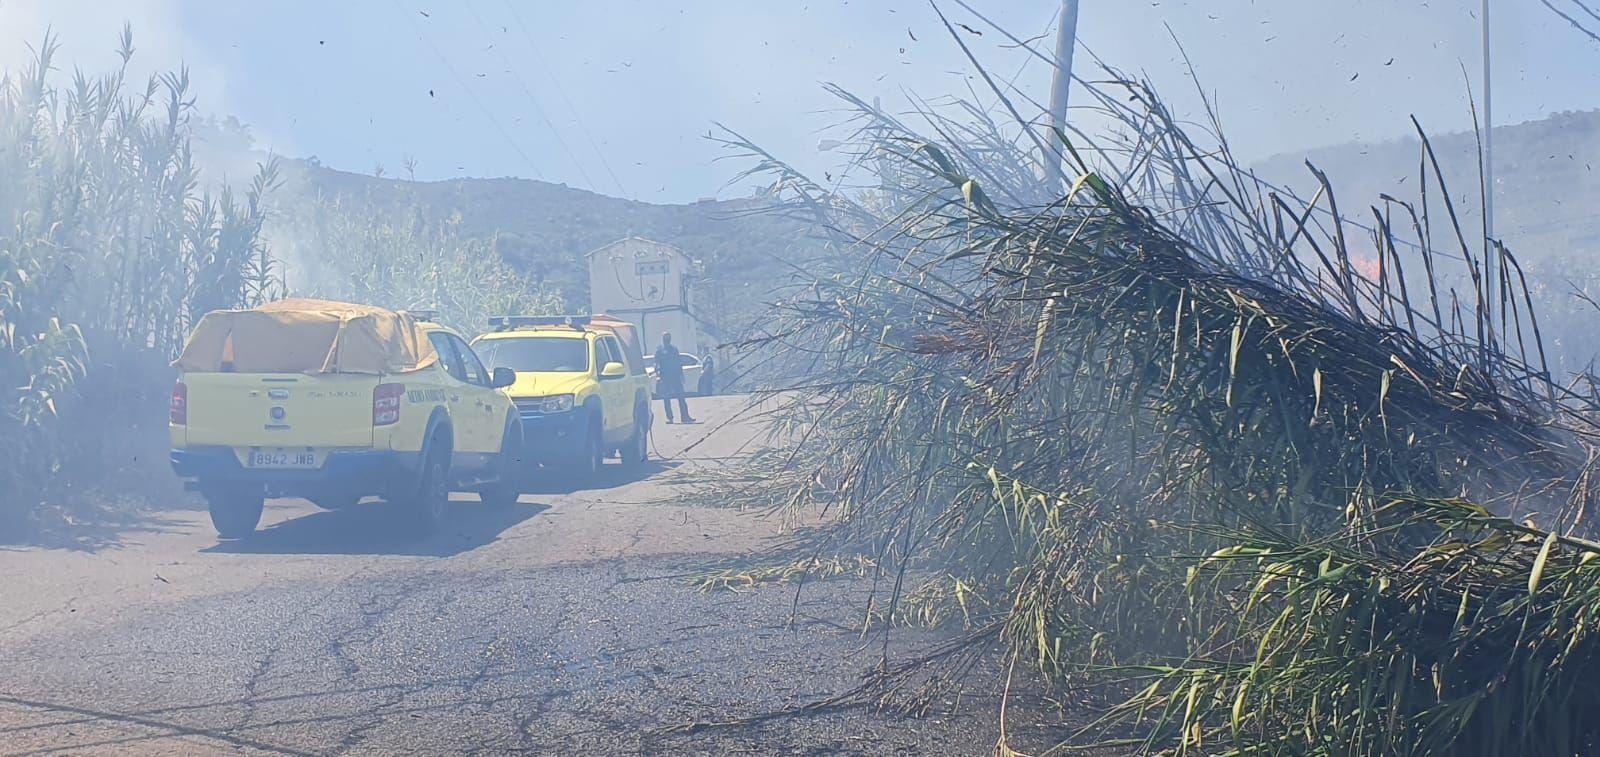 Conato de incendio en Pino Santo (27/06/21)